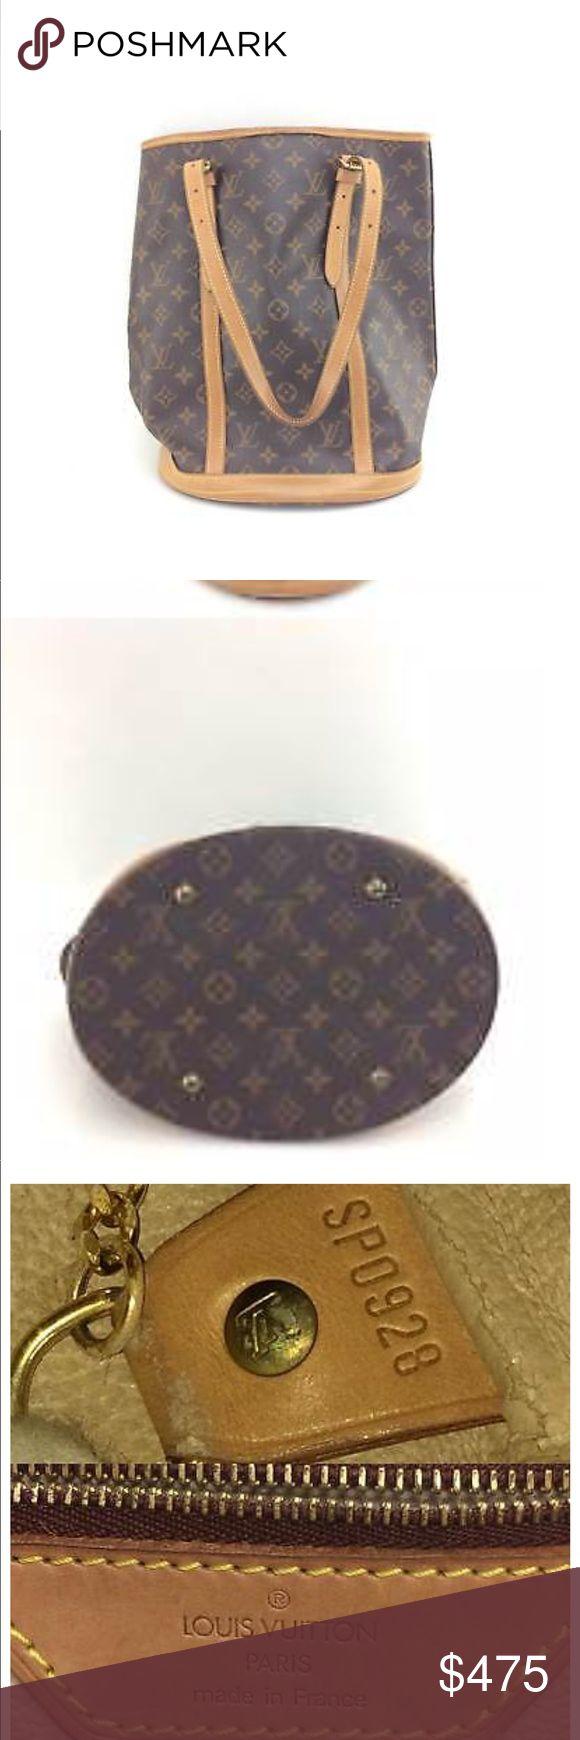 Louis Vuitton Bucket PM Vintage Louis Vuitton Bucket Bag Louis Vuitton Bags Shoulder Bags